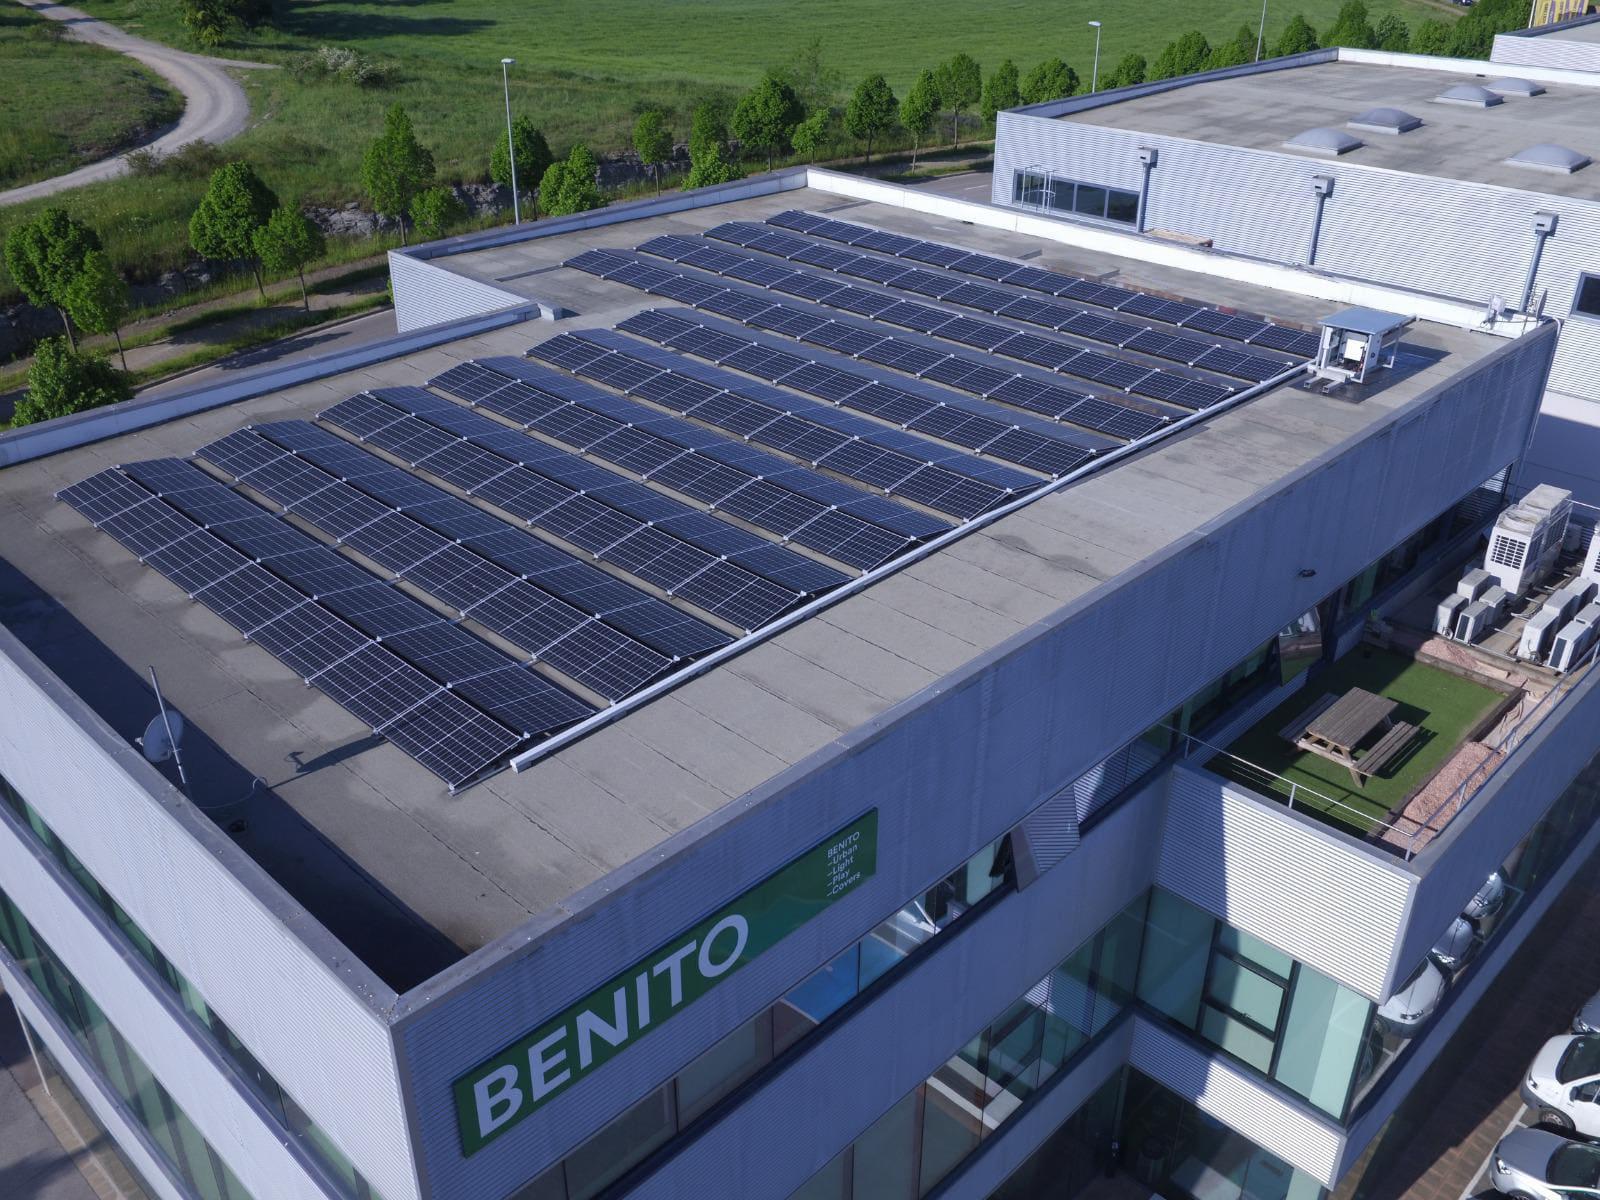 Benito Urban: instal·lació amb dues orientacions